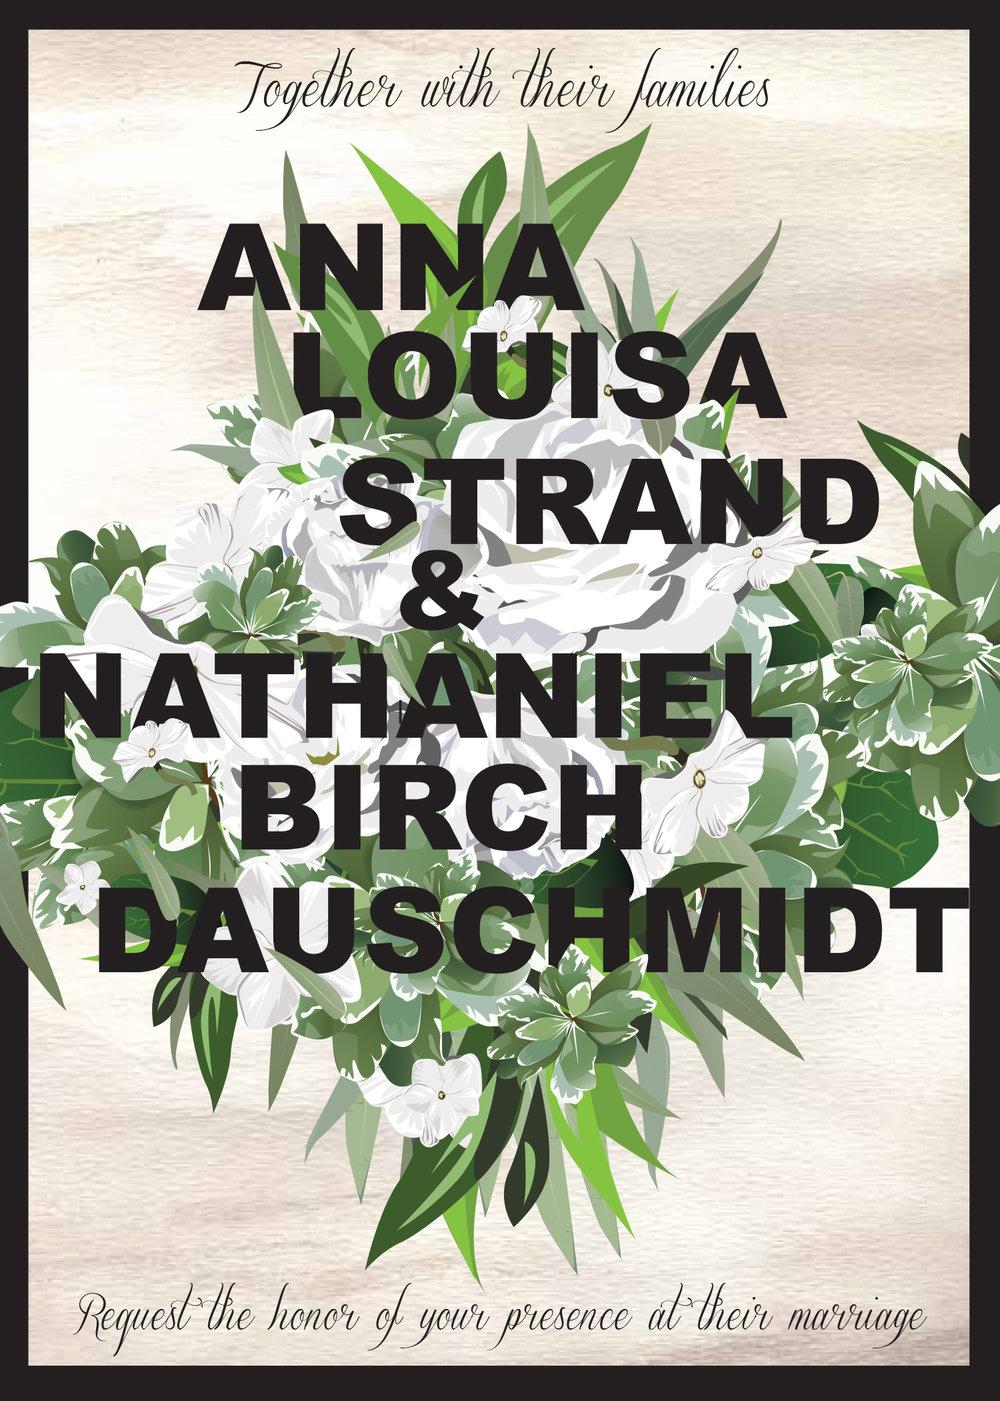 Anna-invitation3-3.jpg